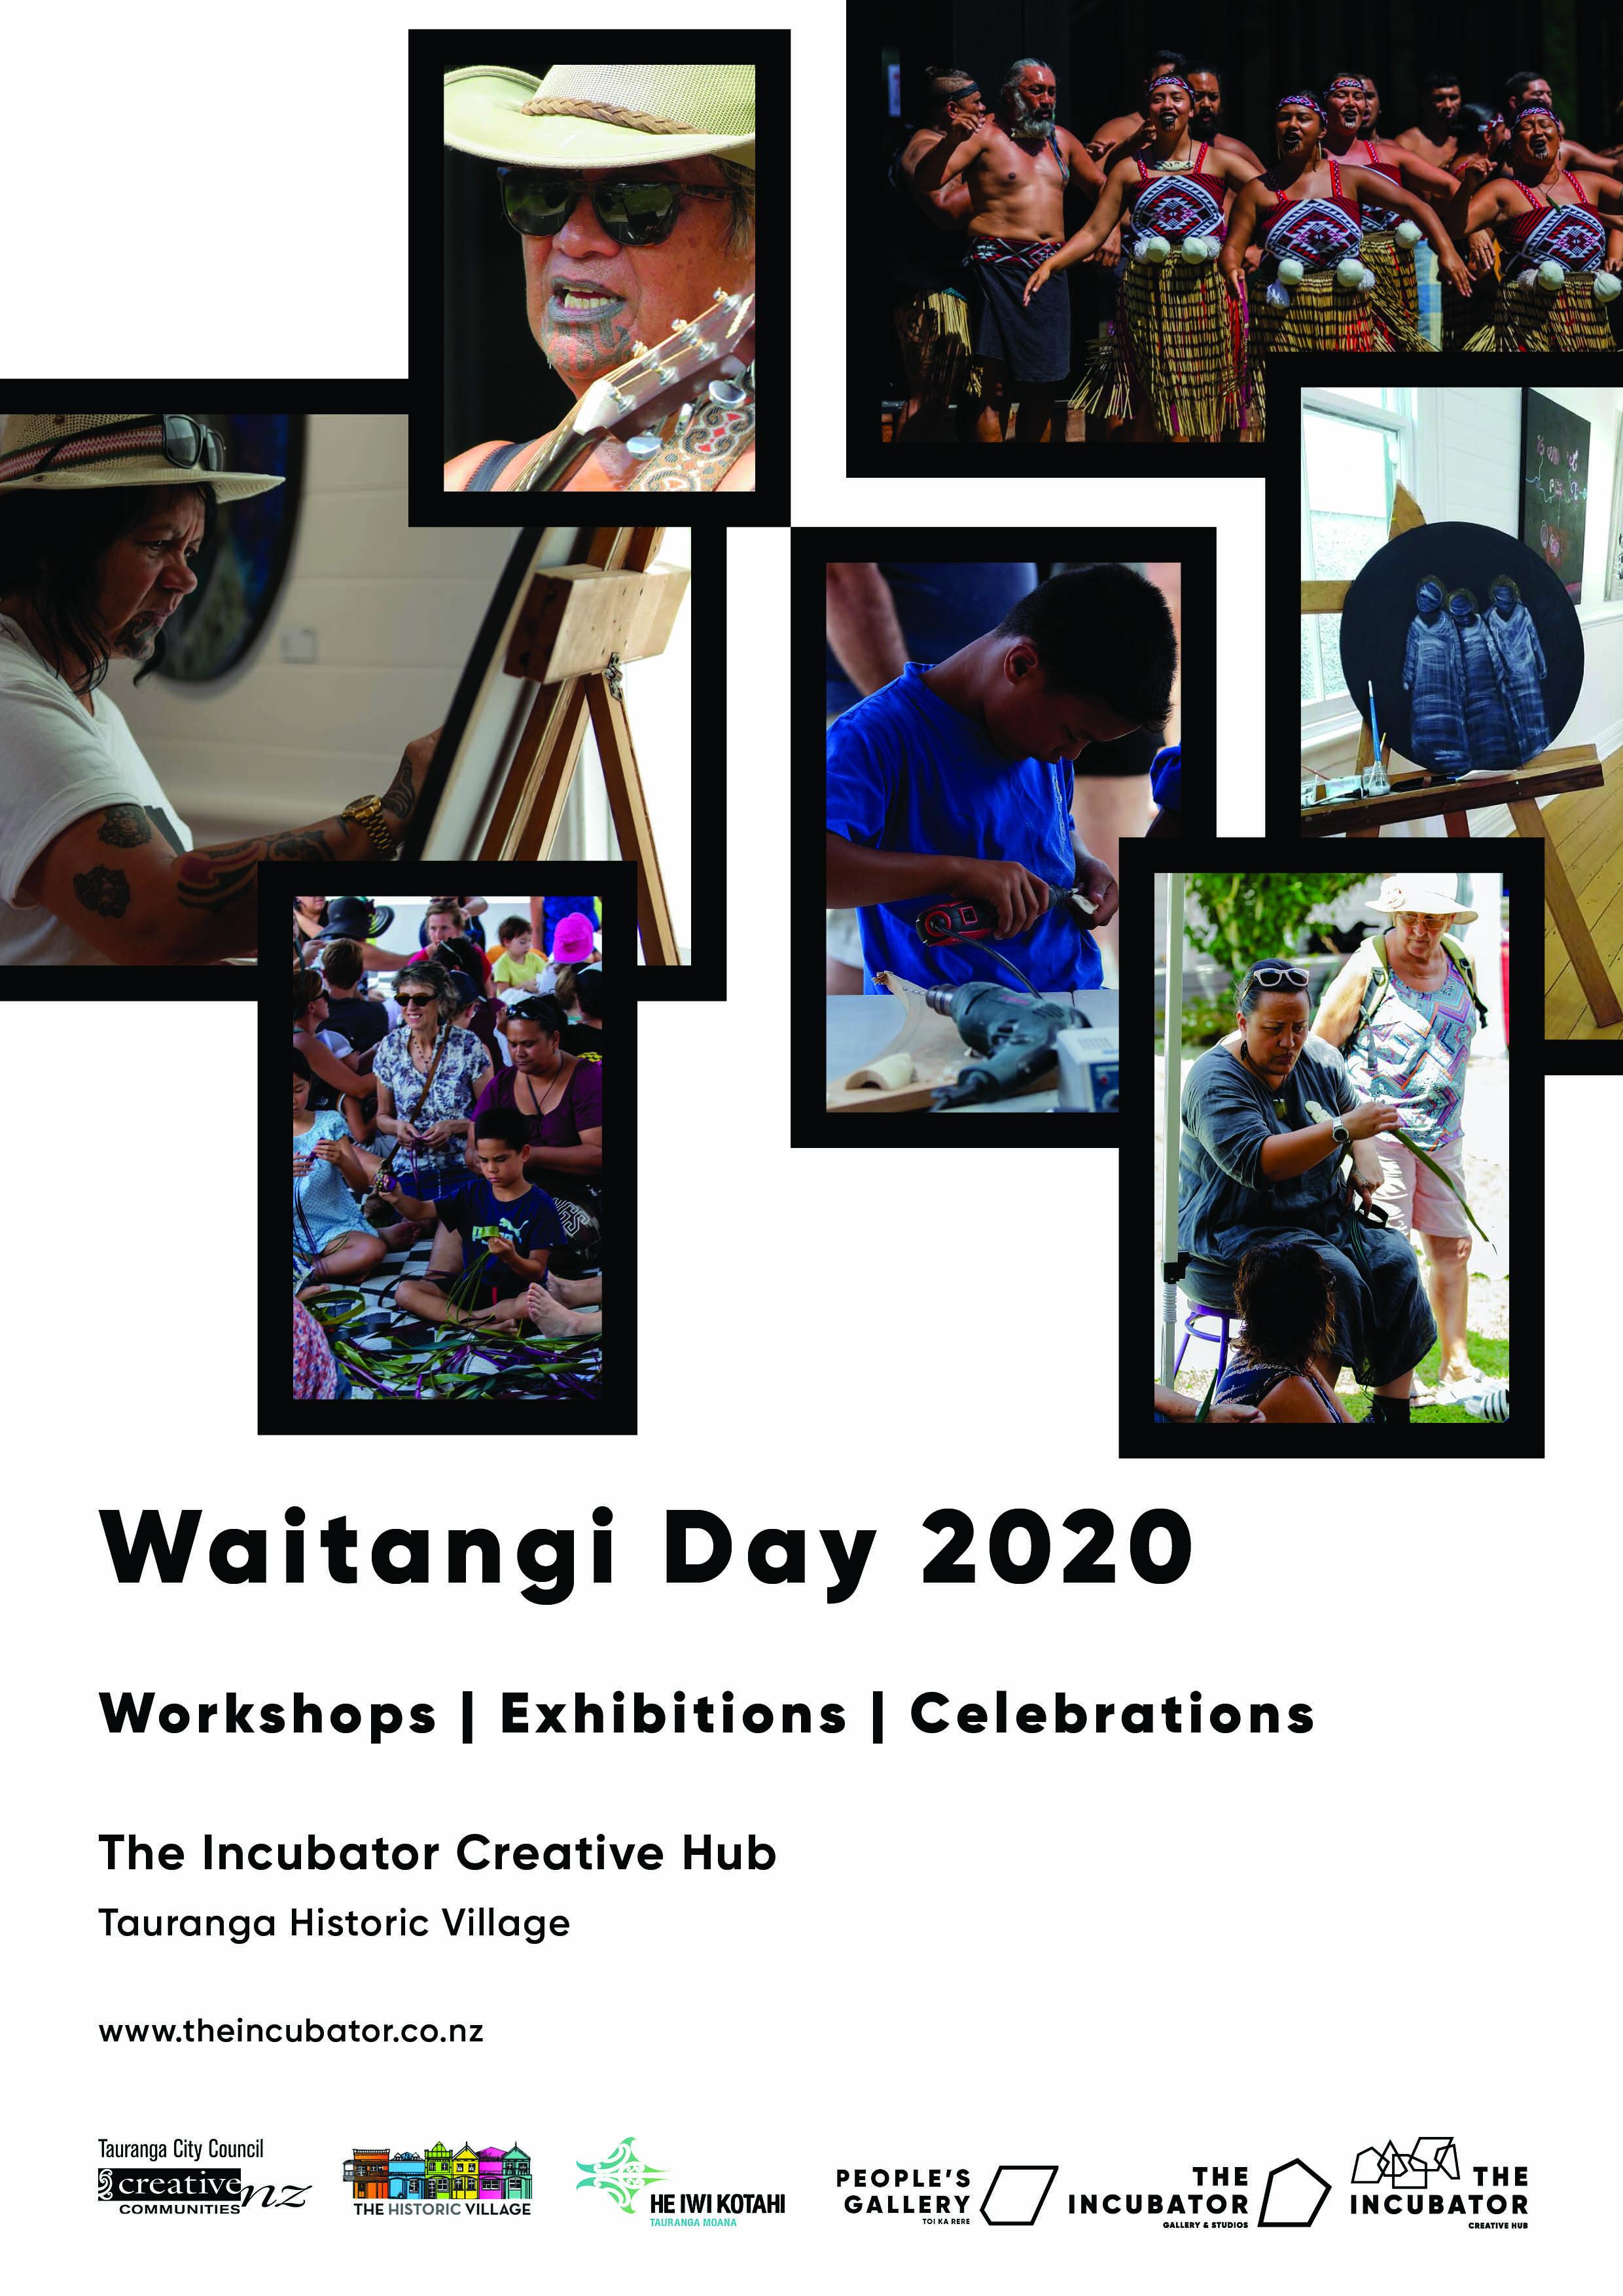 waitangiday2020poster1